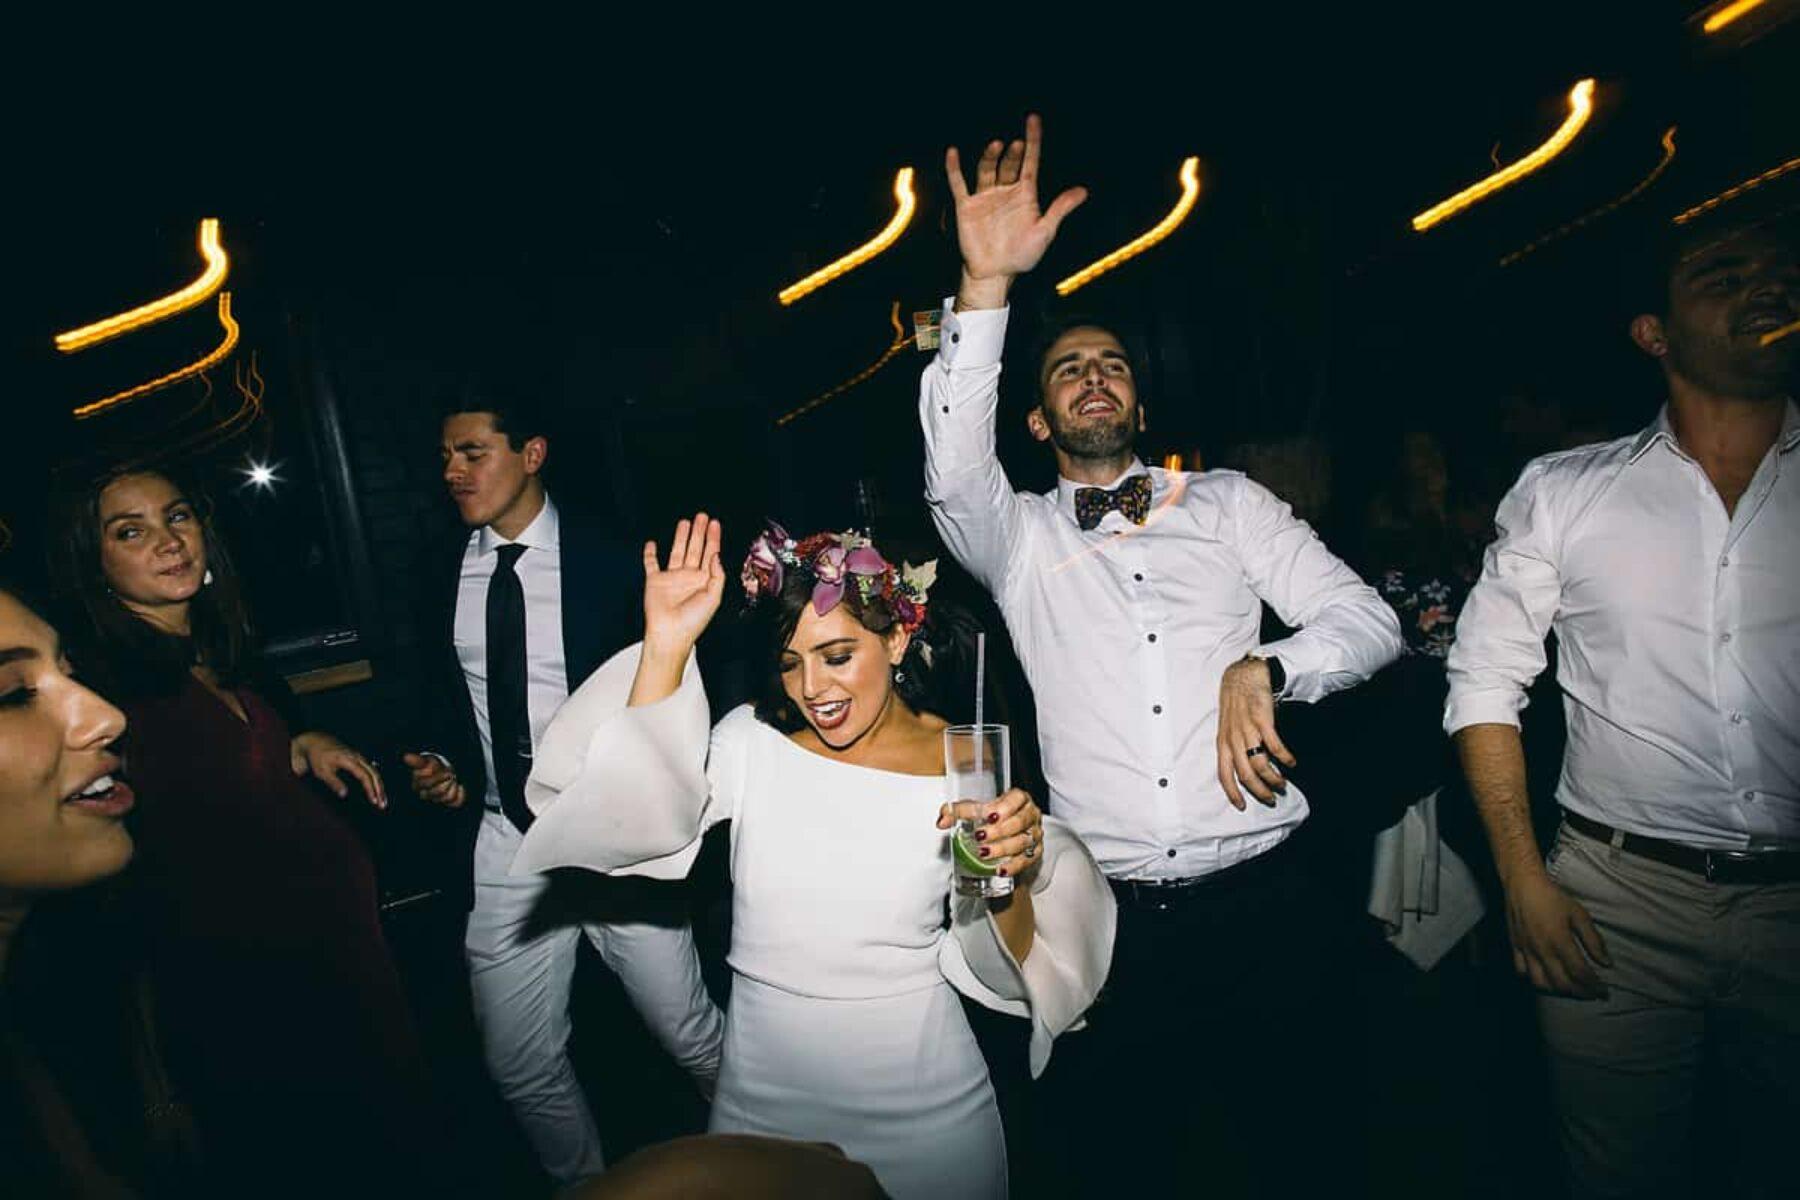 Collingwood wedding at Rupert on Rupert - Leo Farrell Photography